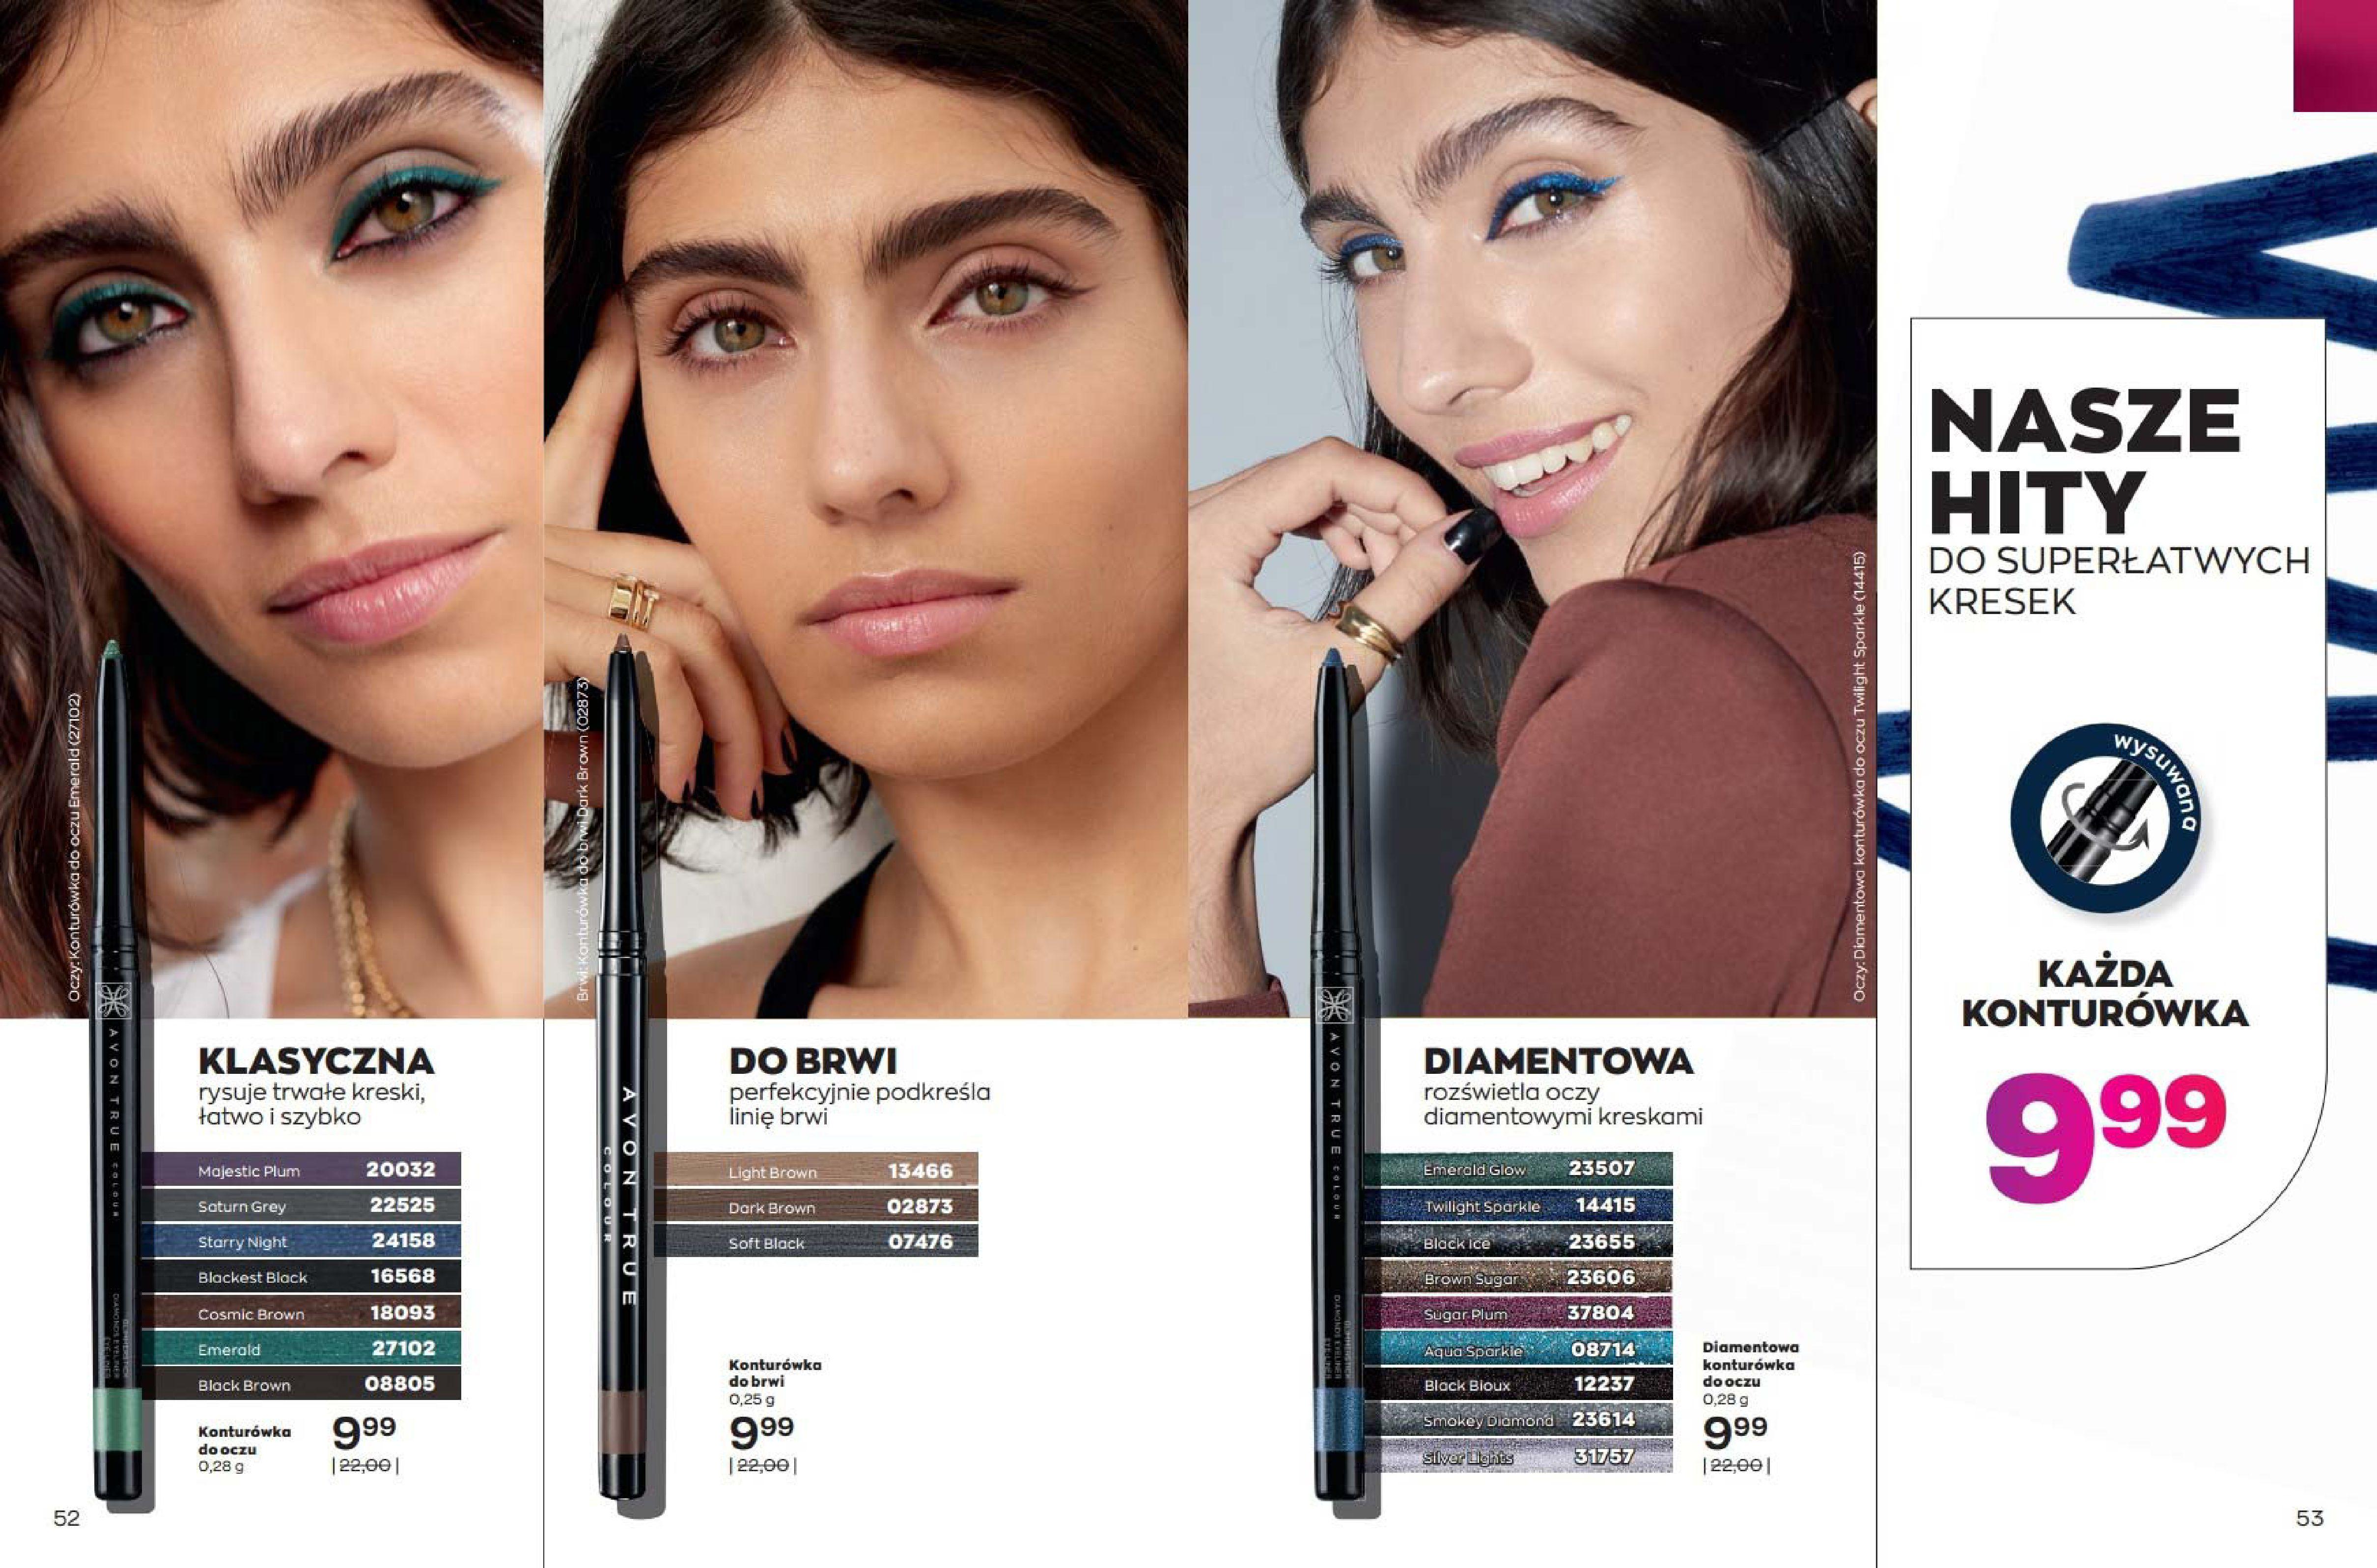 Gazetka Avon: Katalog Avon - Lipiec 2021 2021-07-01 page-27